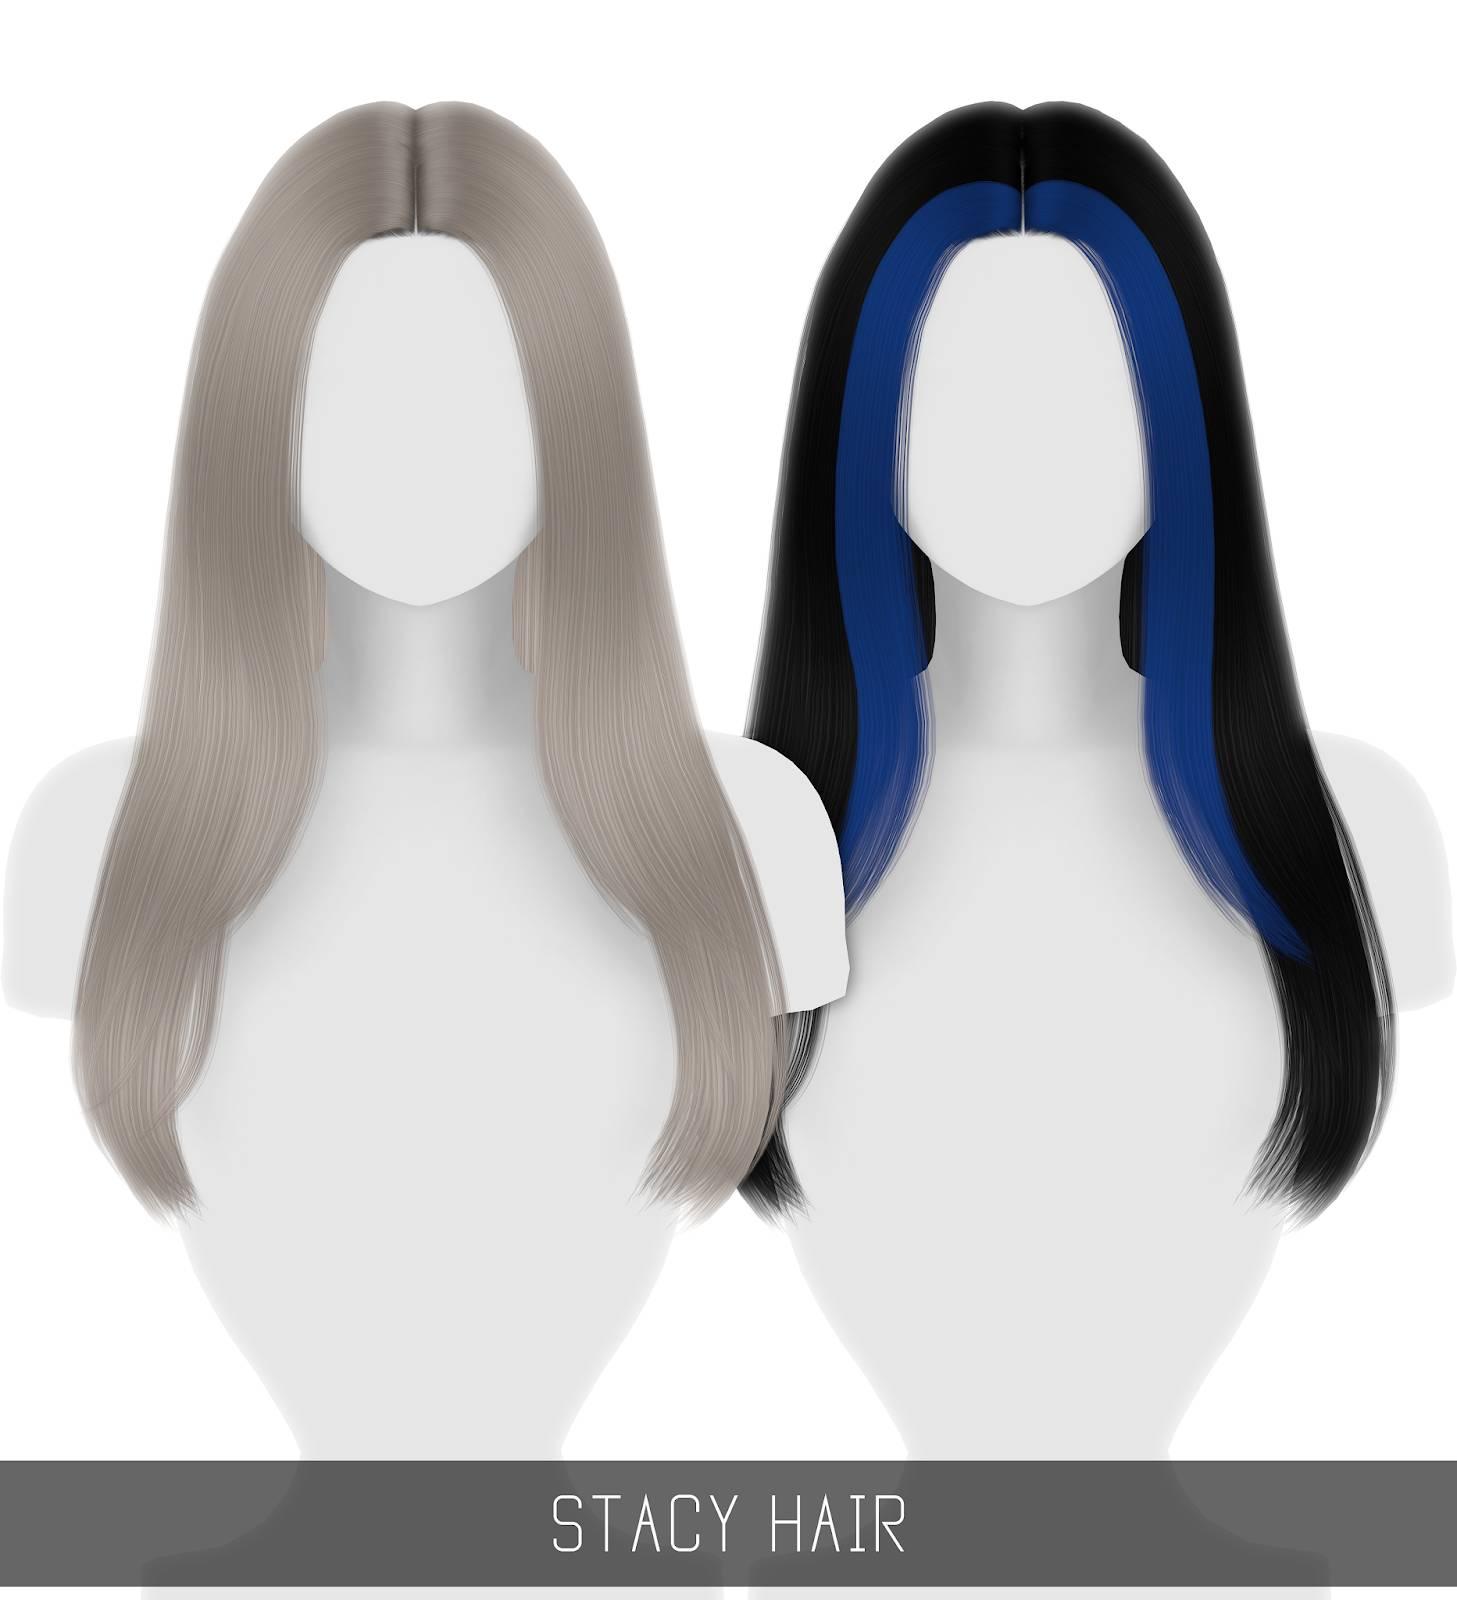 Женская прическа - STACY HAIR